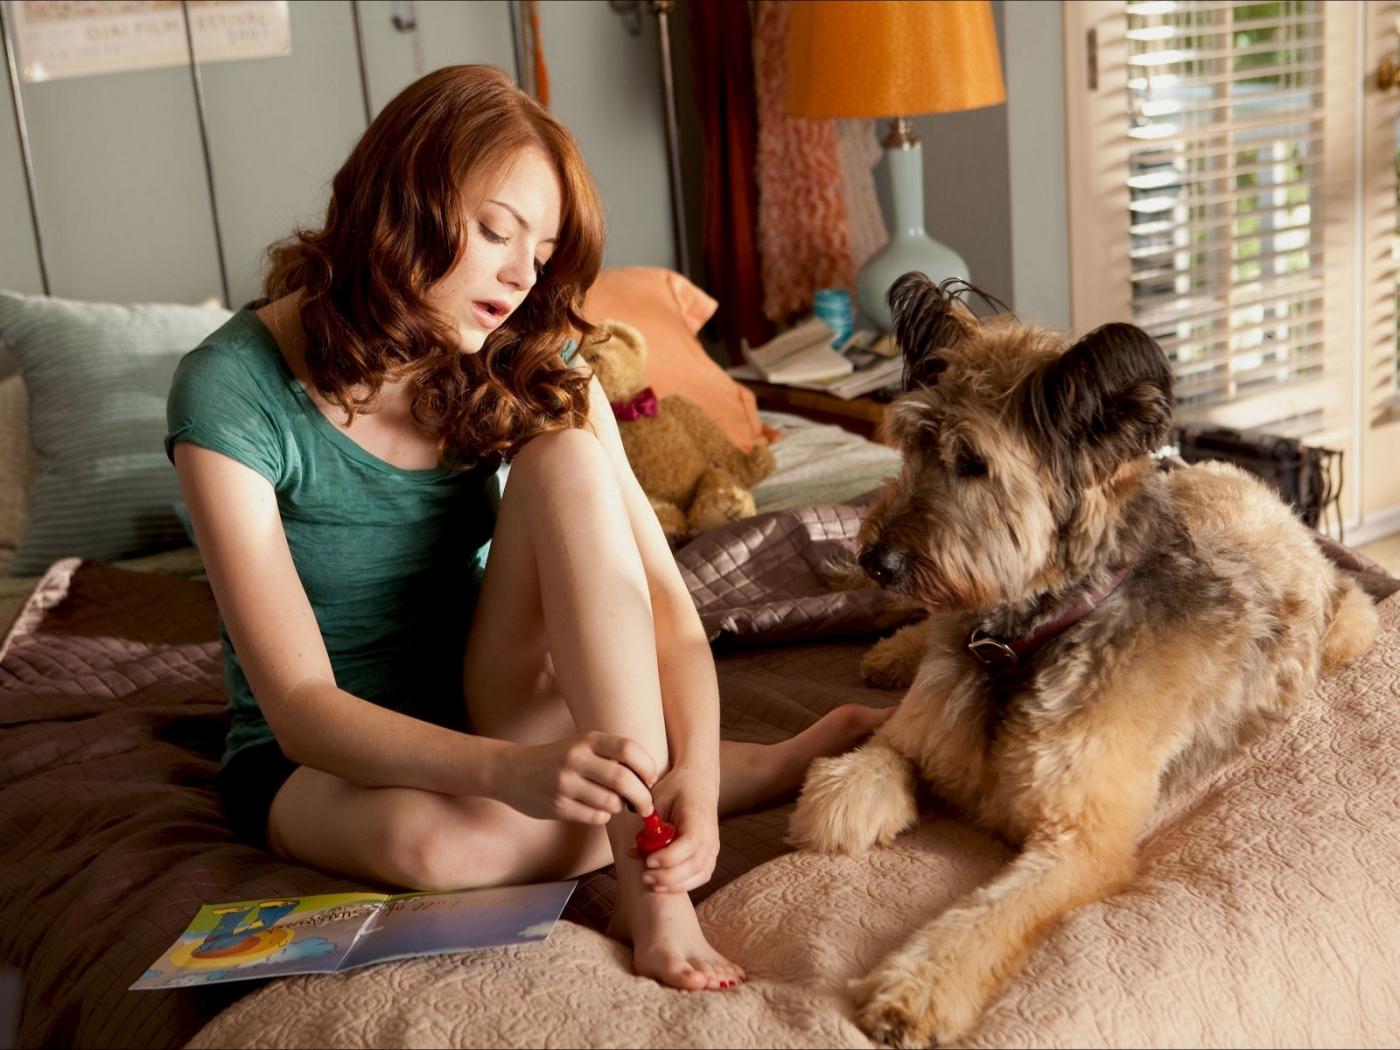 31643 скачать обои Кино, Девушки, Люди, Актеры, Эмма Стоун (Emma Stone) - заставки и картинки бесплатно